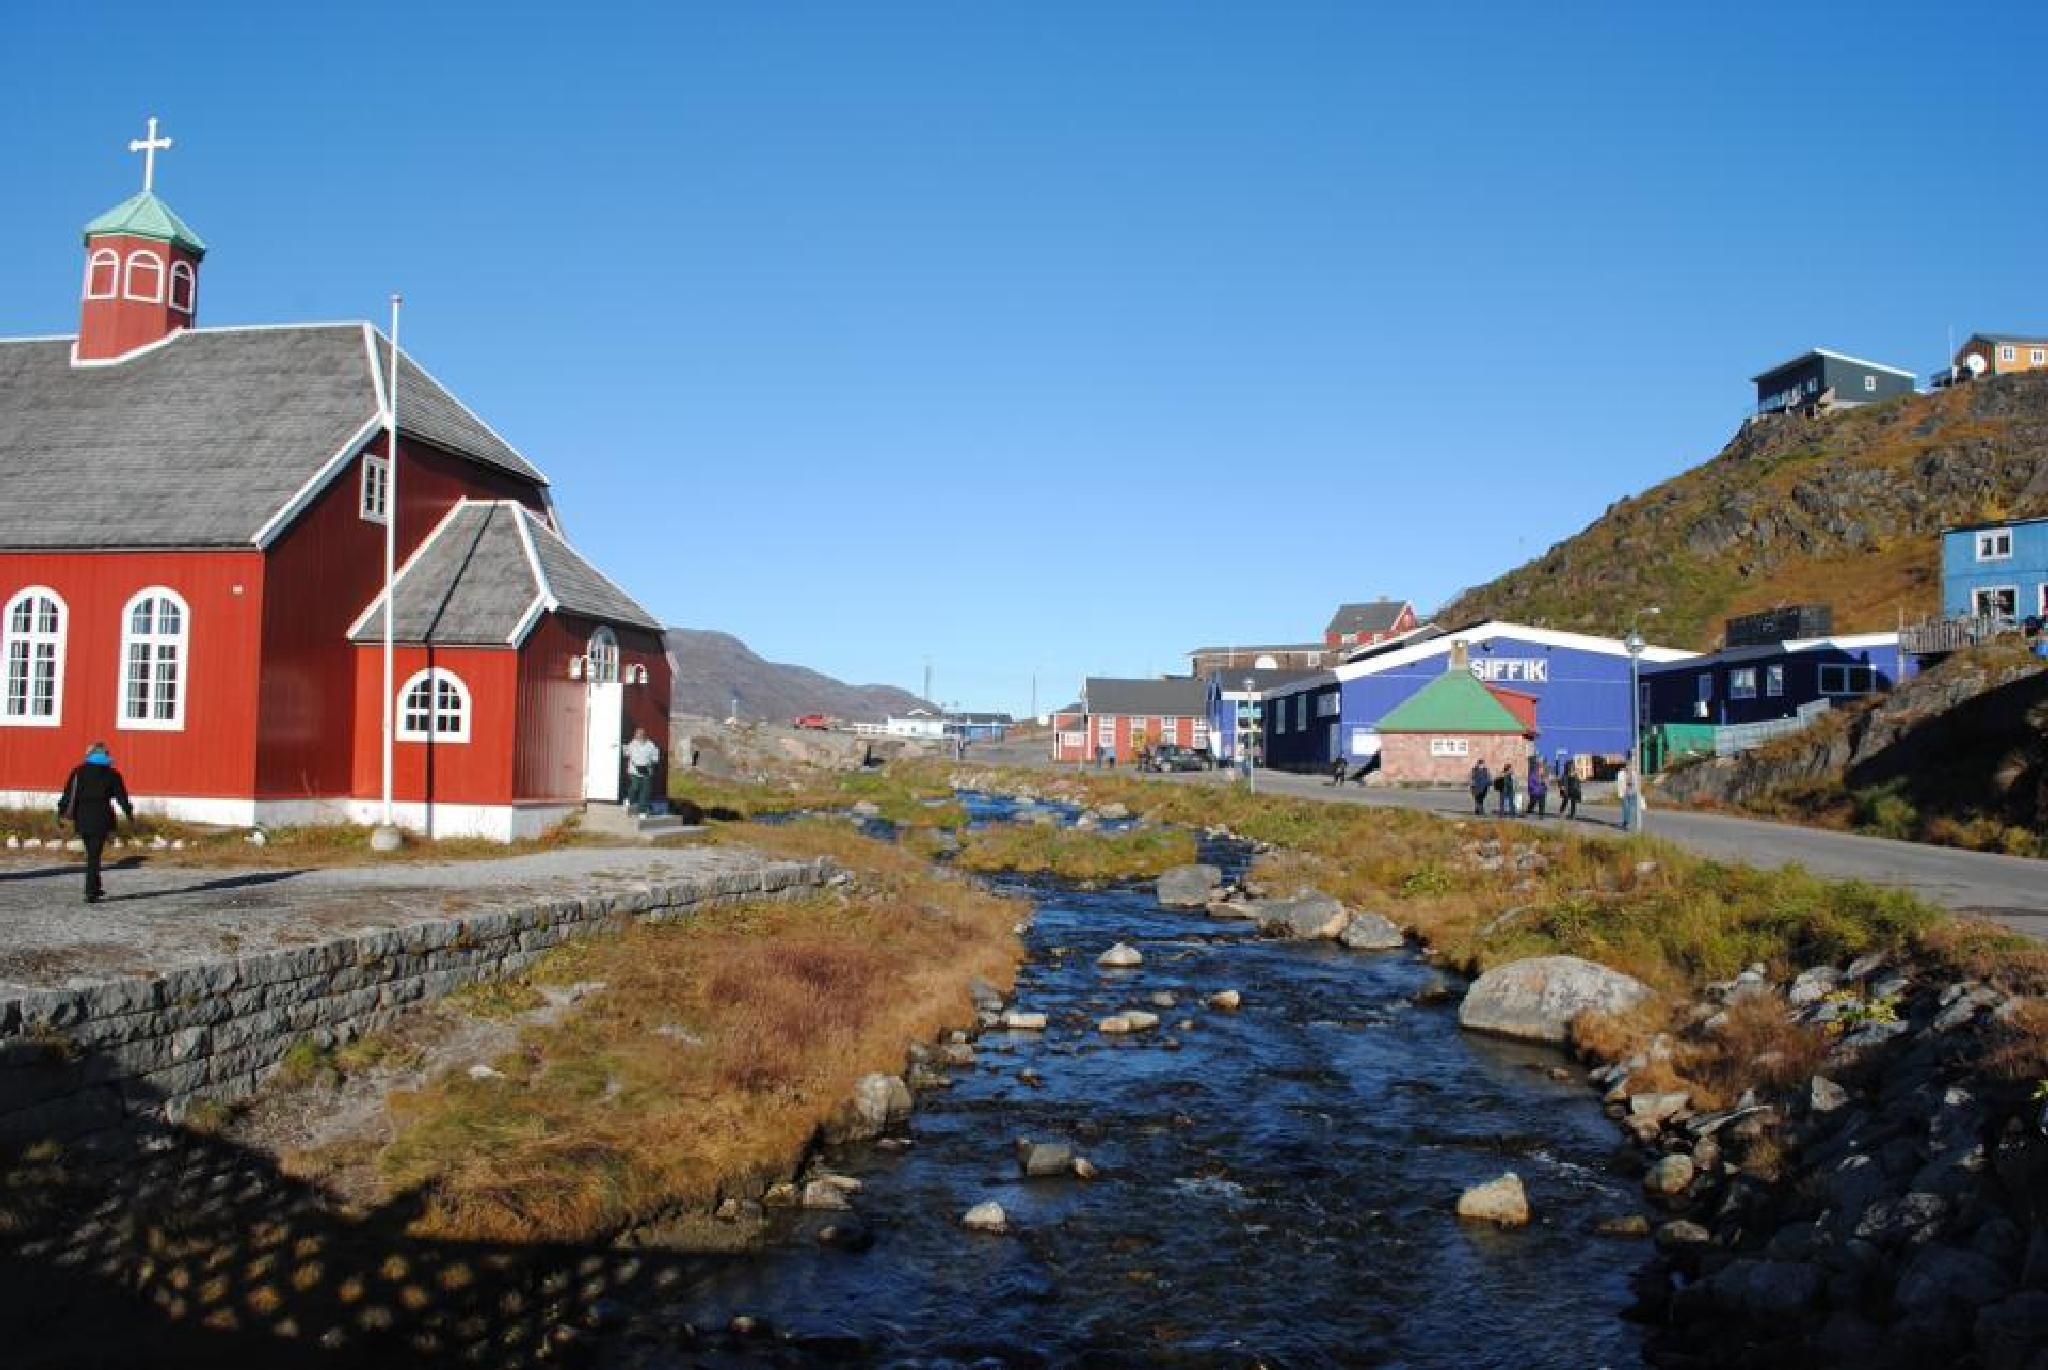 Qaqortoq - Greenland by claudia.blancett